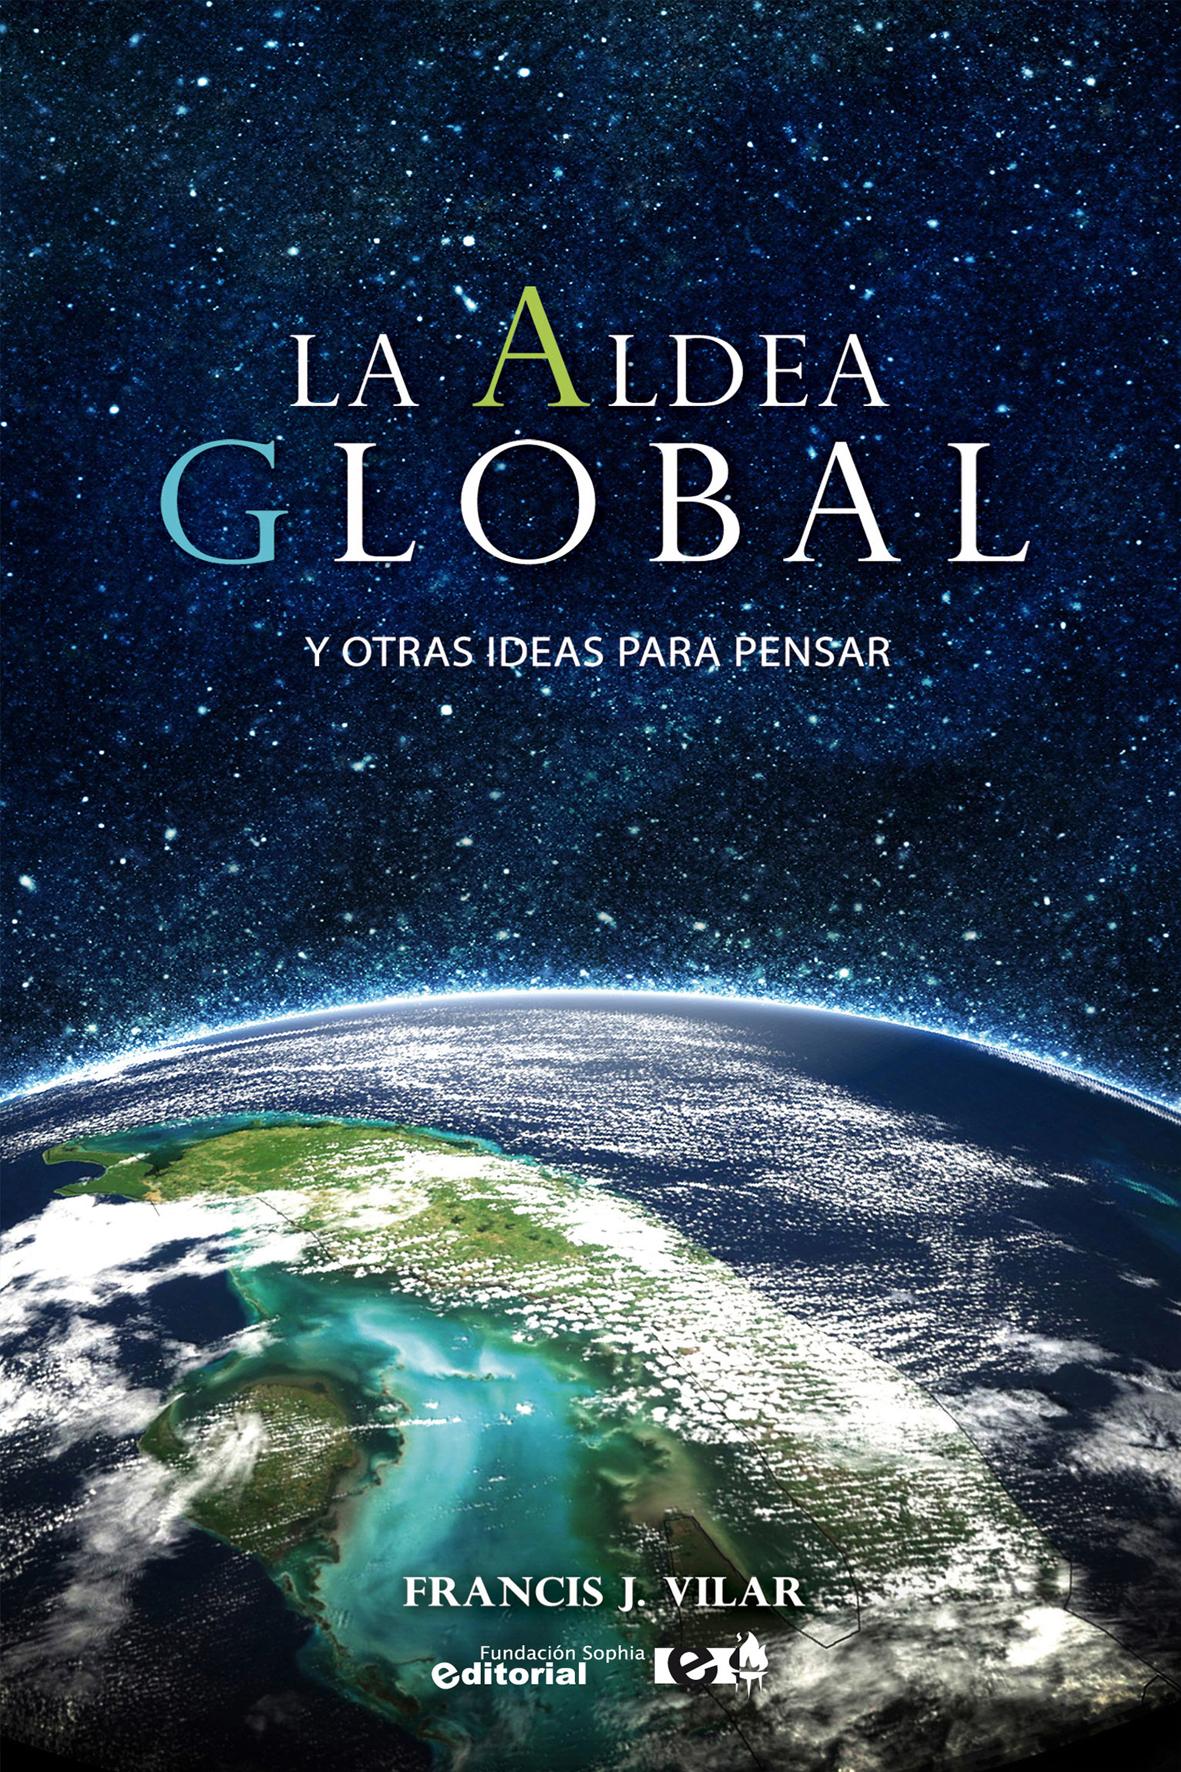 La Aldea Global - Javier Vilar